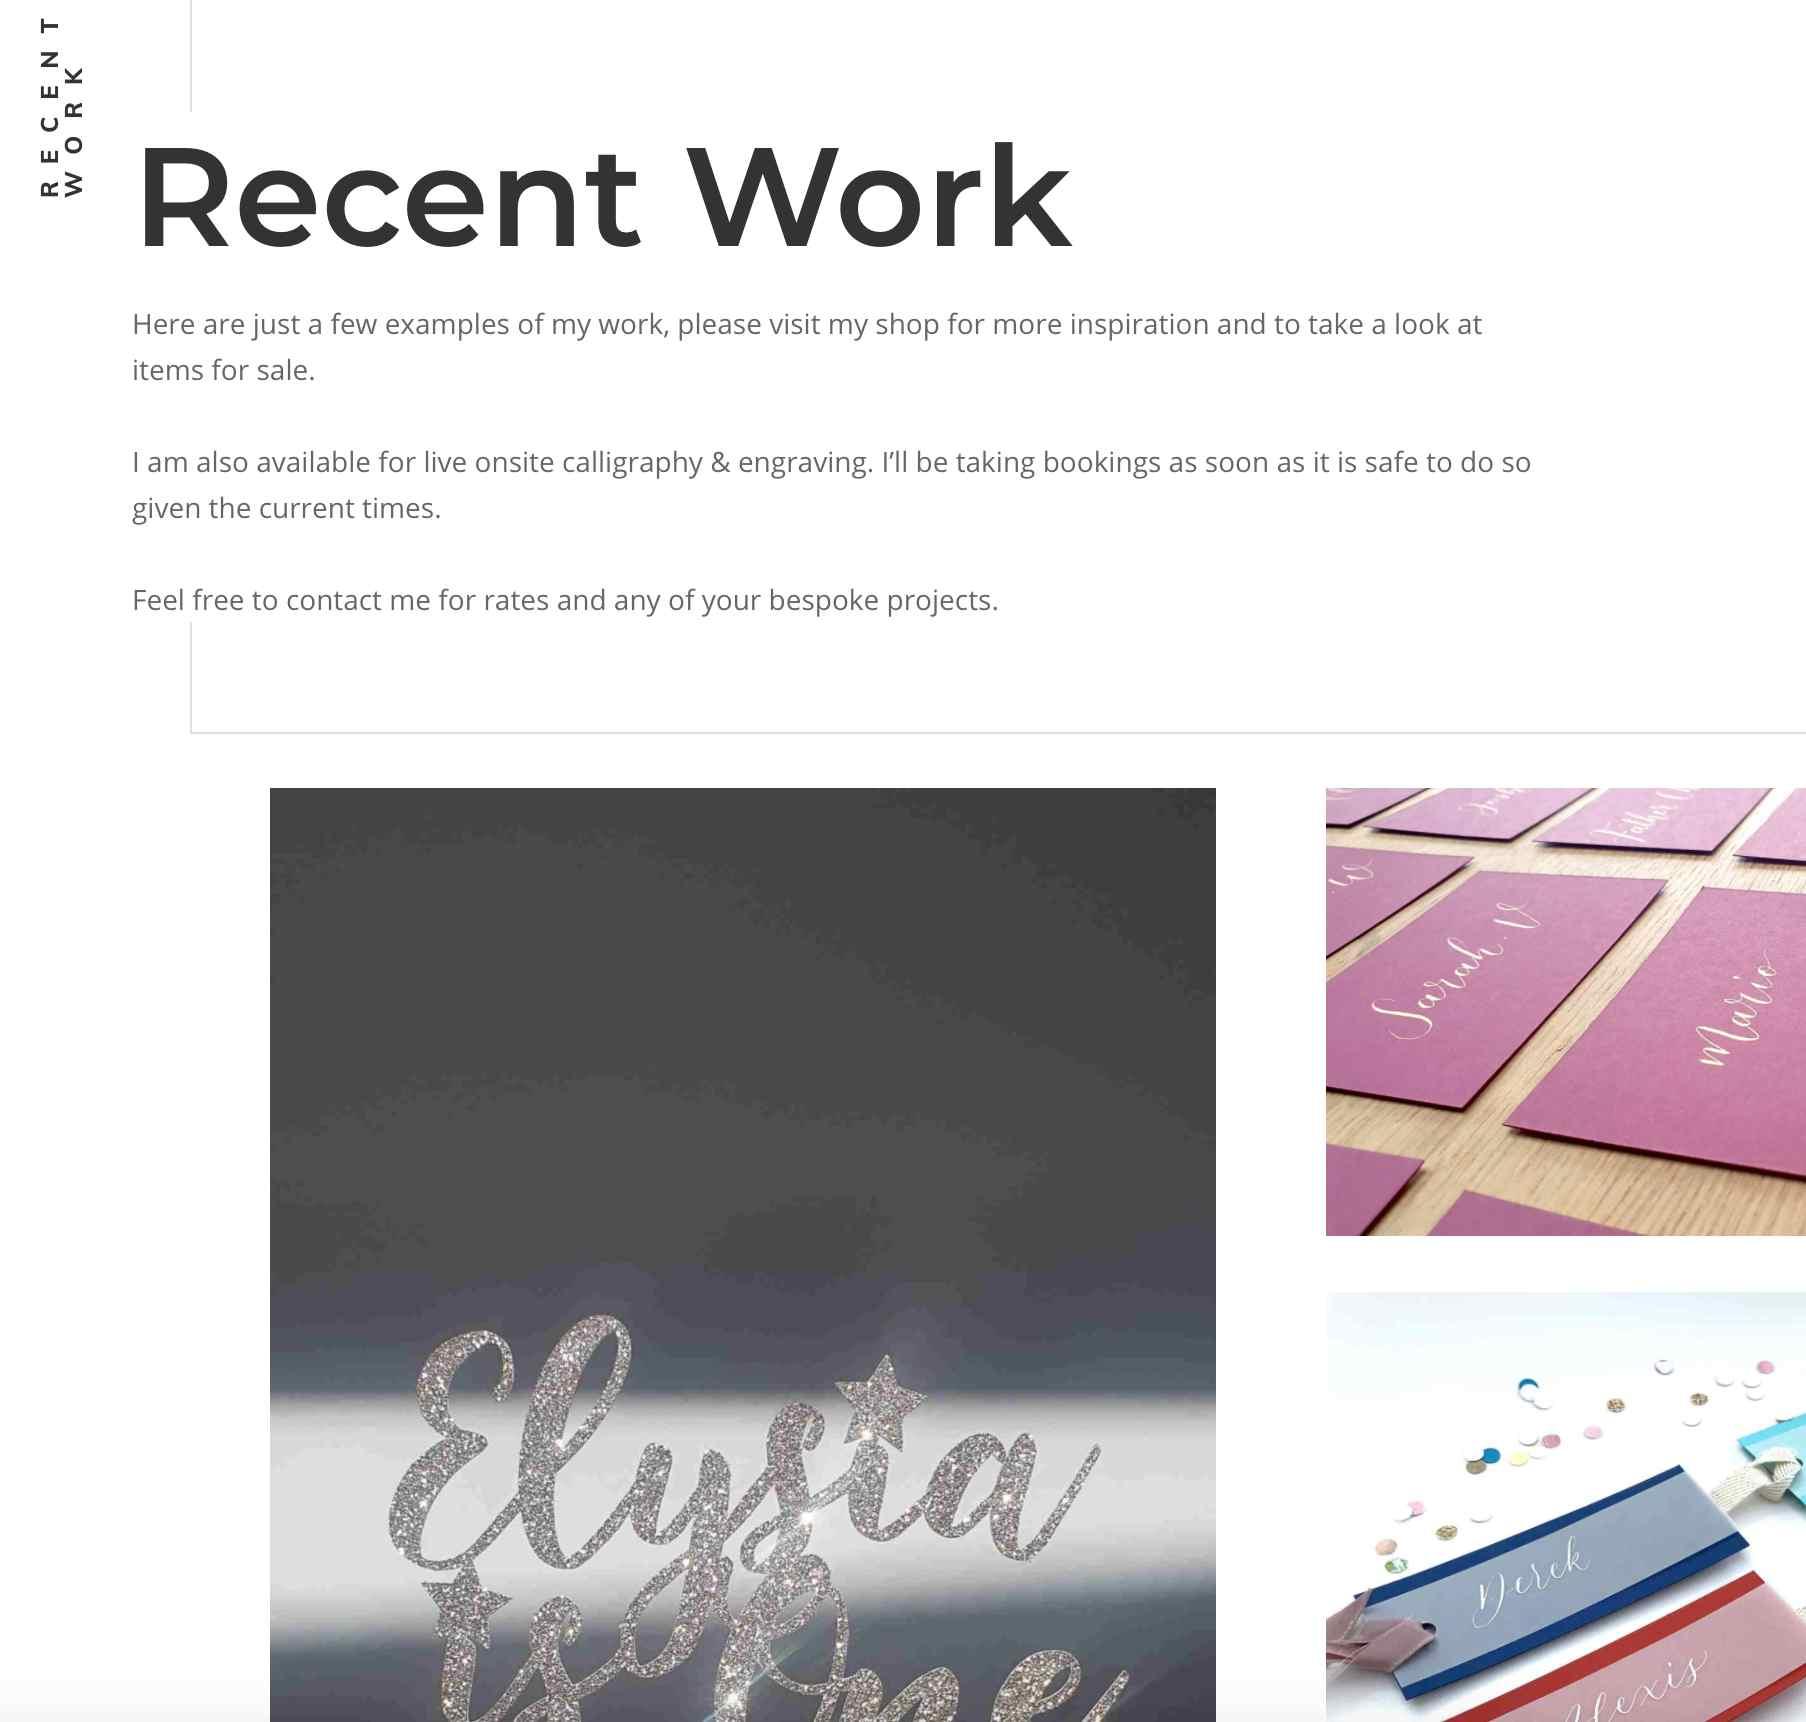 slab studio website designer lba recent work screen shot